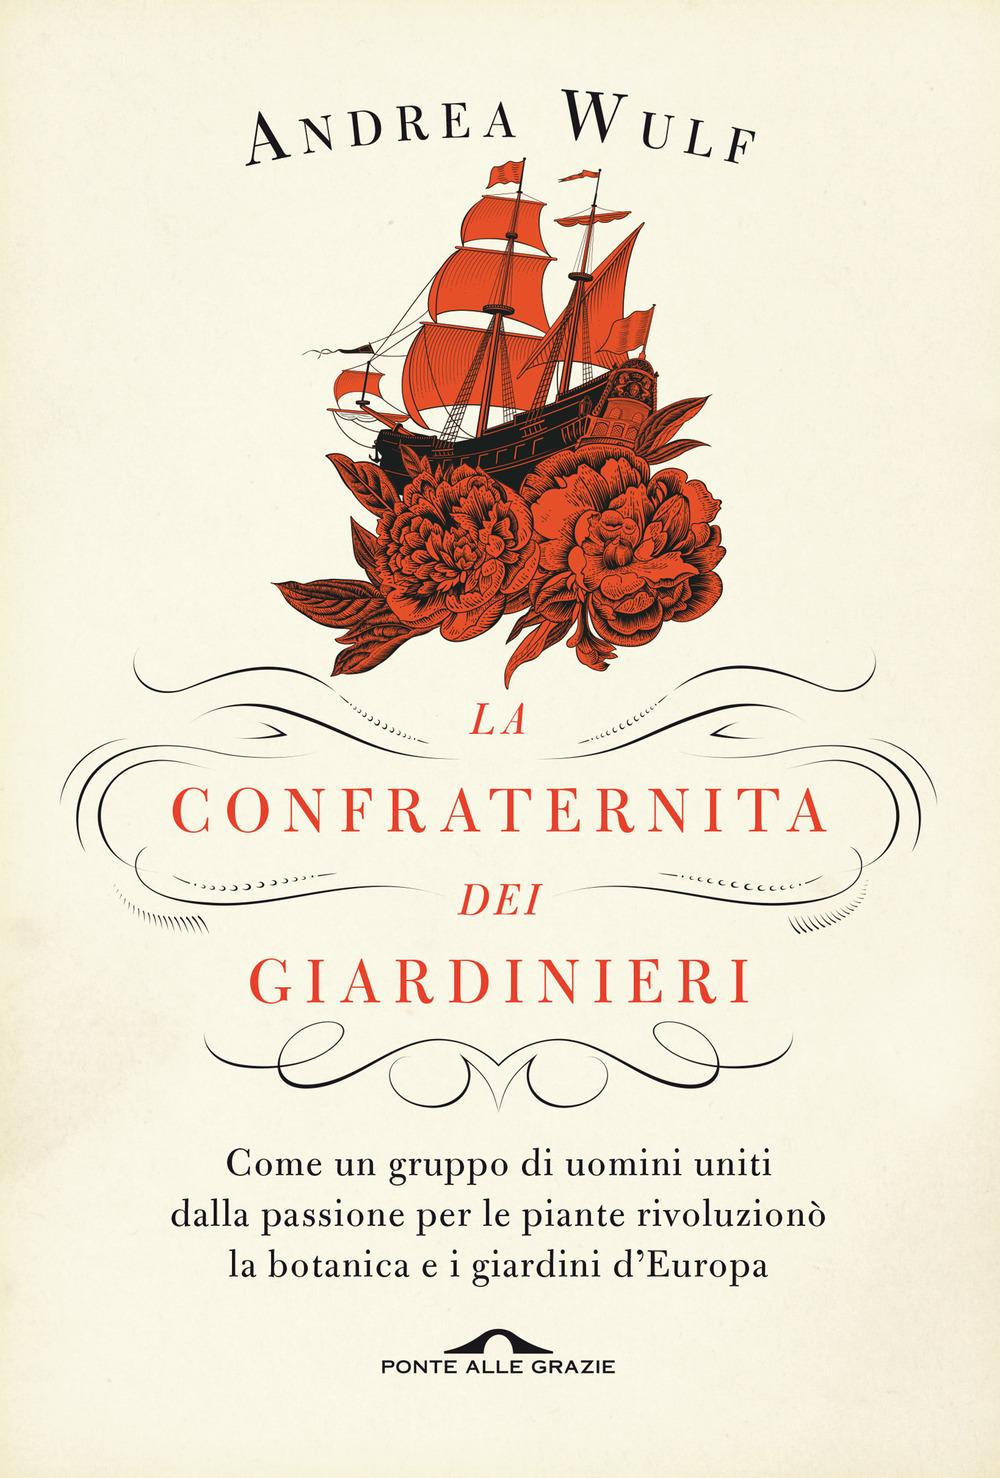 La confraternita dei giardinieri. Come un gruppo di uomini uniti dalla passione per le piante rivoluzionò la botanica e i giardini d'Europa